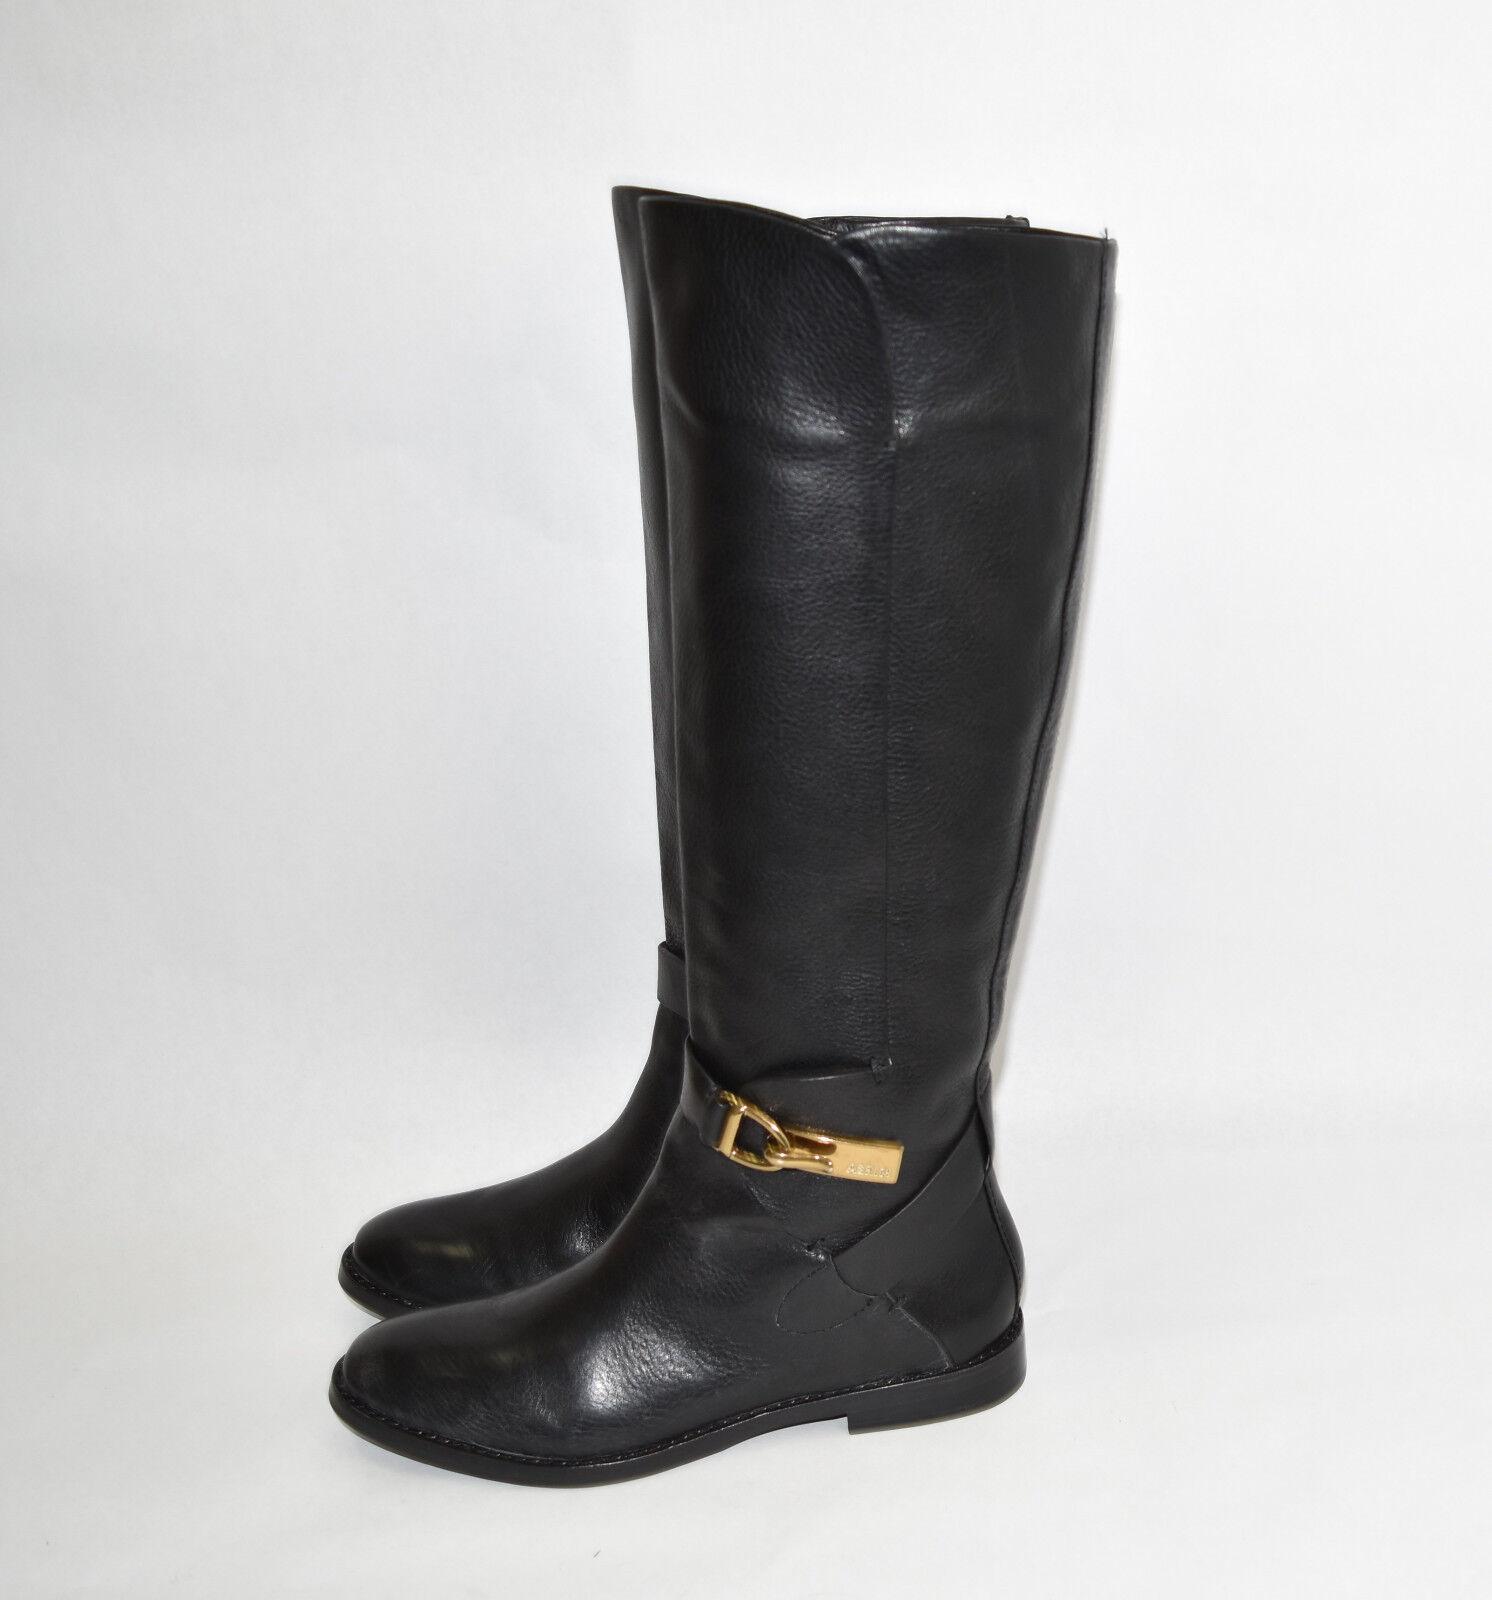 New  Aerin 'Matilda' Tall Tall Tall Riding Black Leather Boot Size 6.5 3db33a